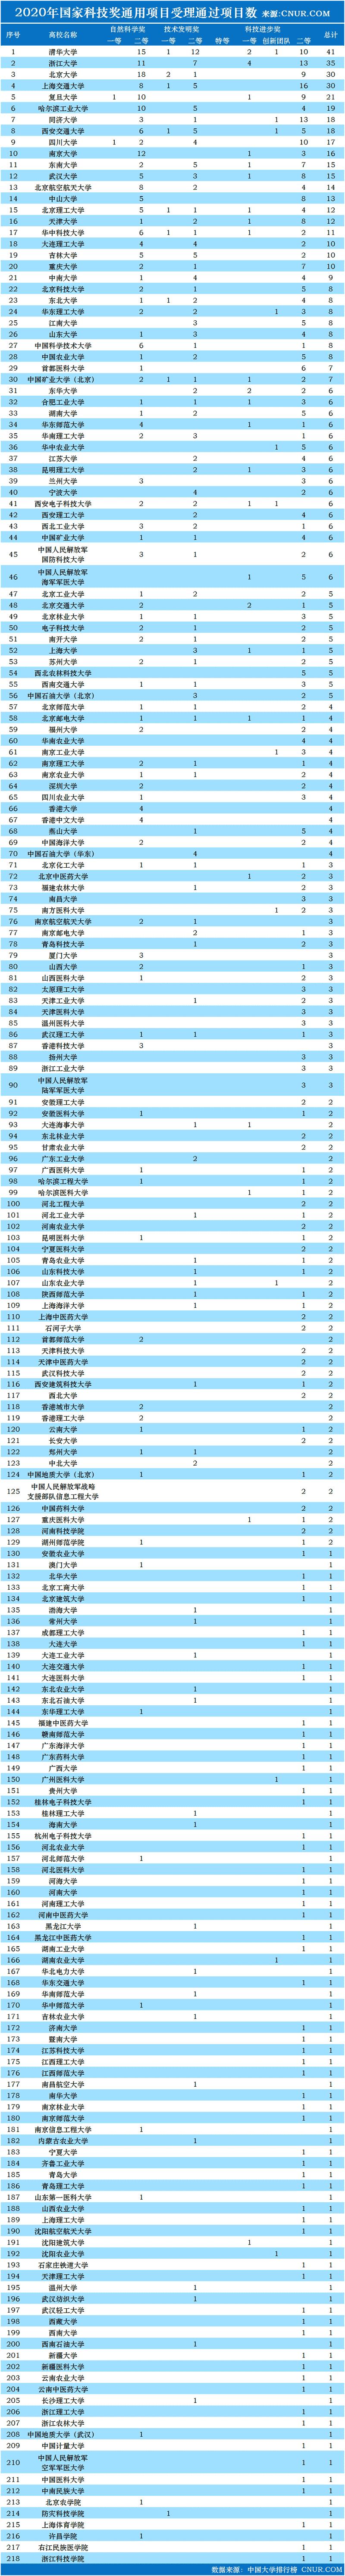 2020年国家科学技术奖受理项目高校第一完成单位统计及预测-第2张图片-中国大学排行榜